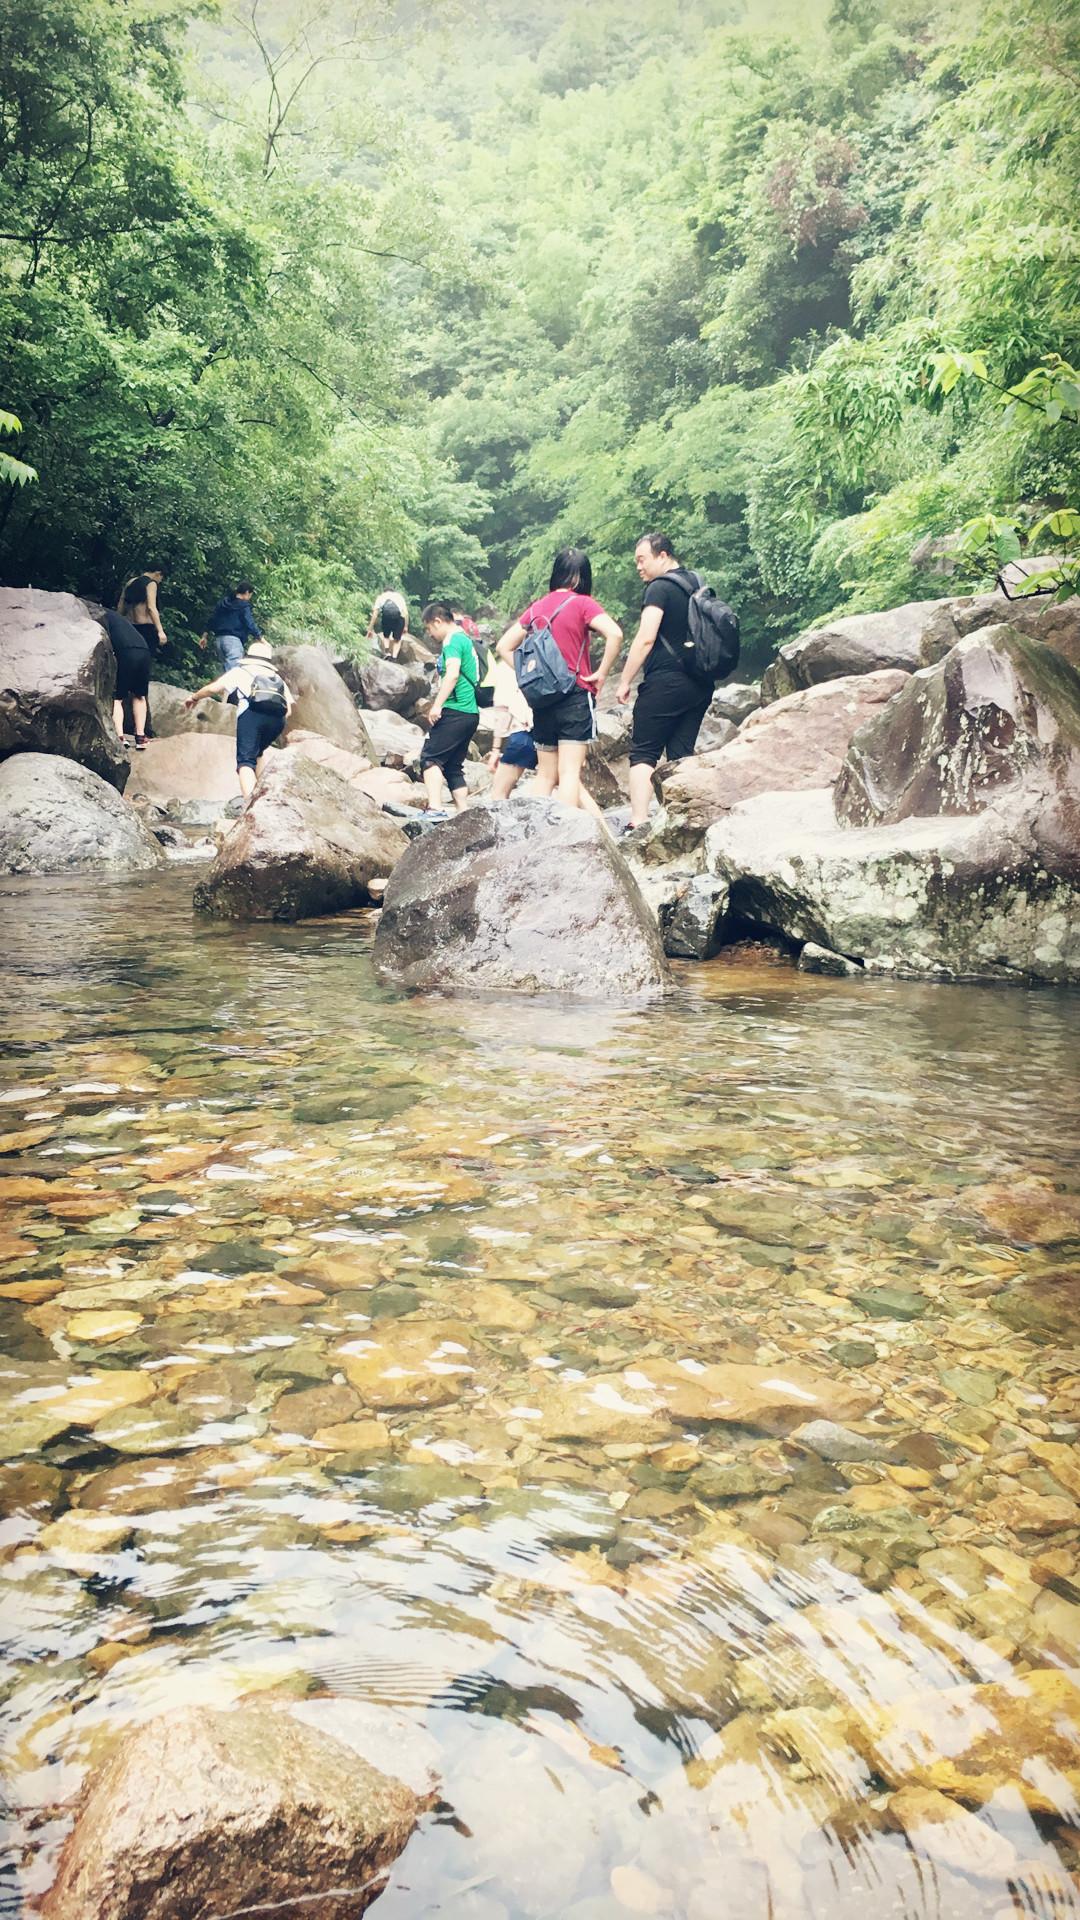 溯溪初体验 - 米多饭香